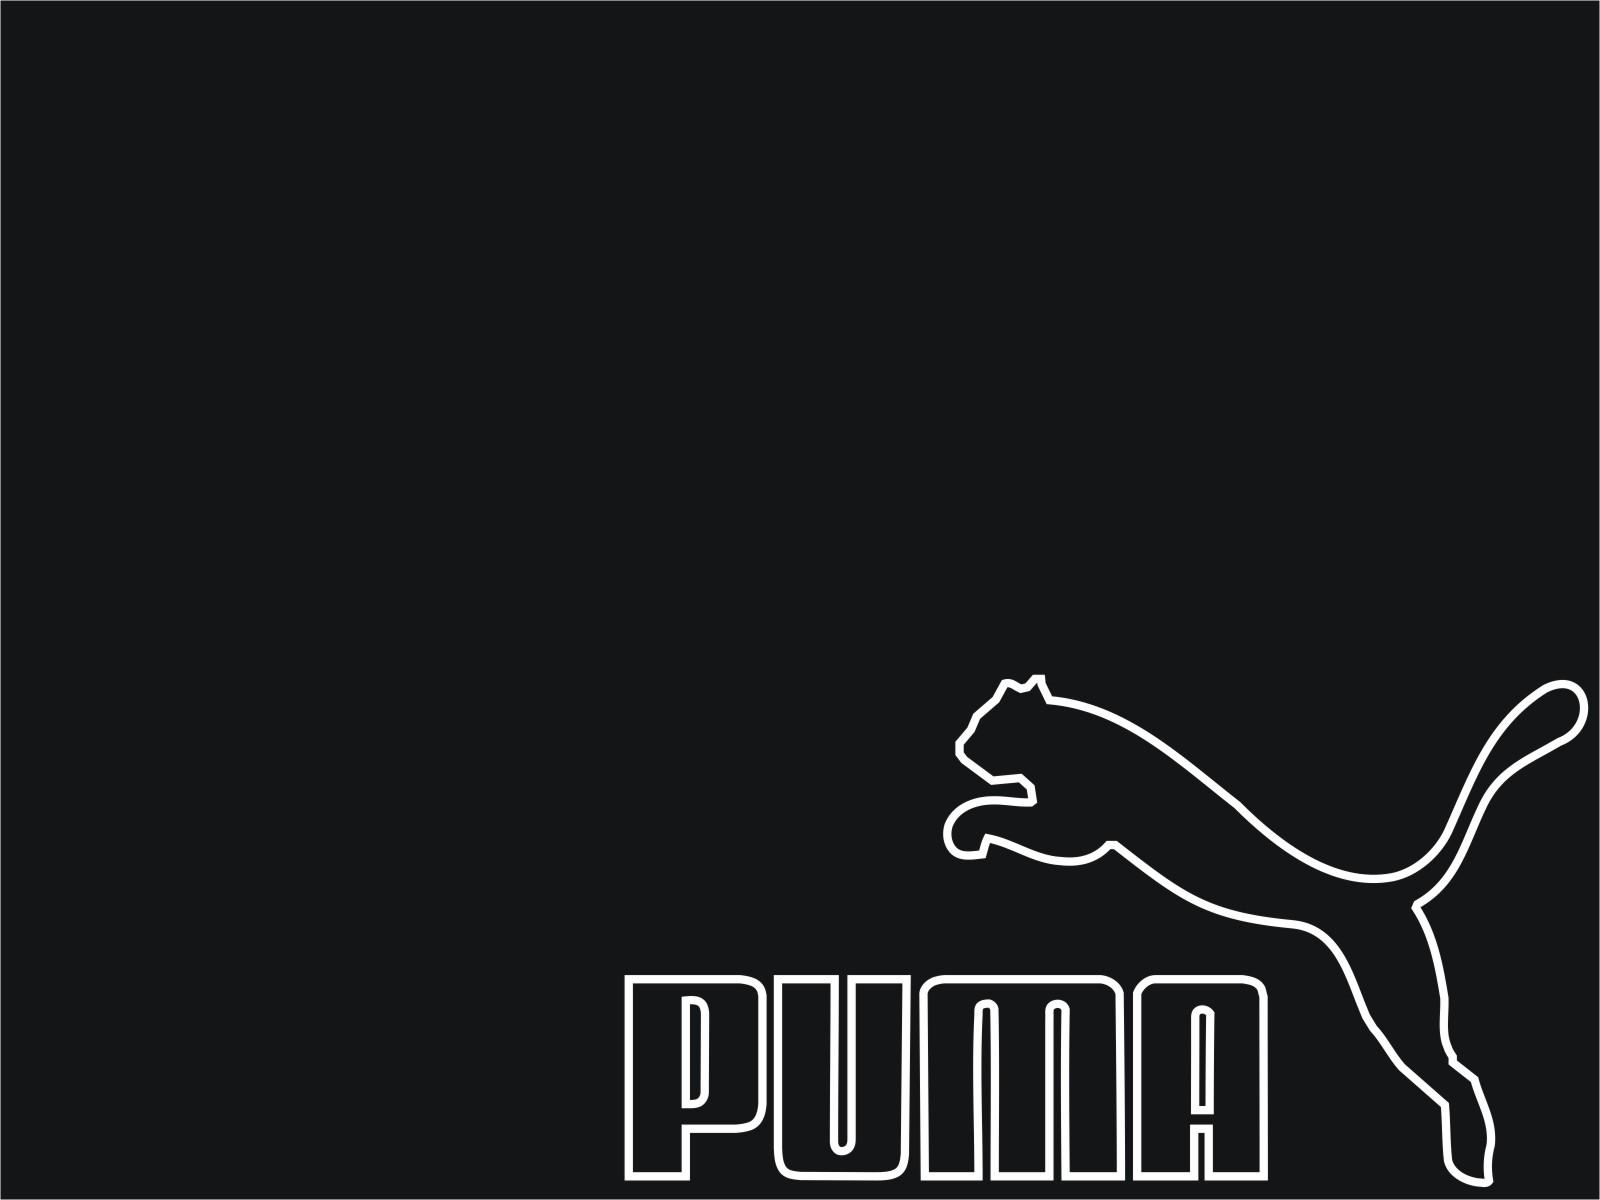 Puma Logo Wallpaper 5382 Hd Wallpapers in Logos   Imagescicom 1600x1200